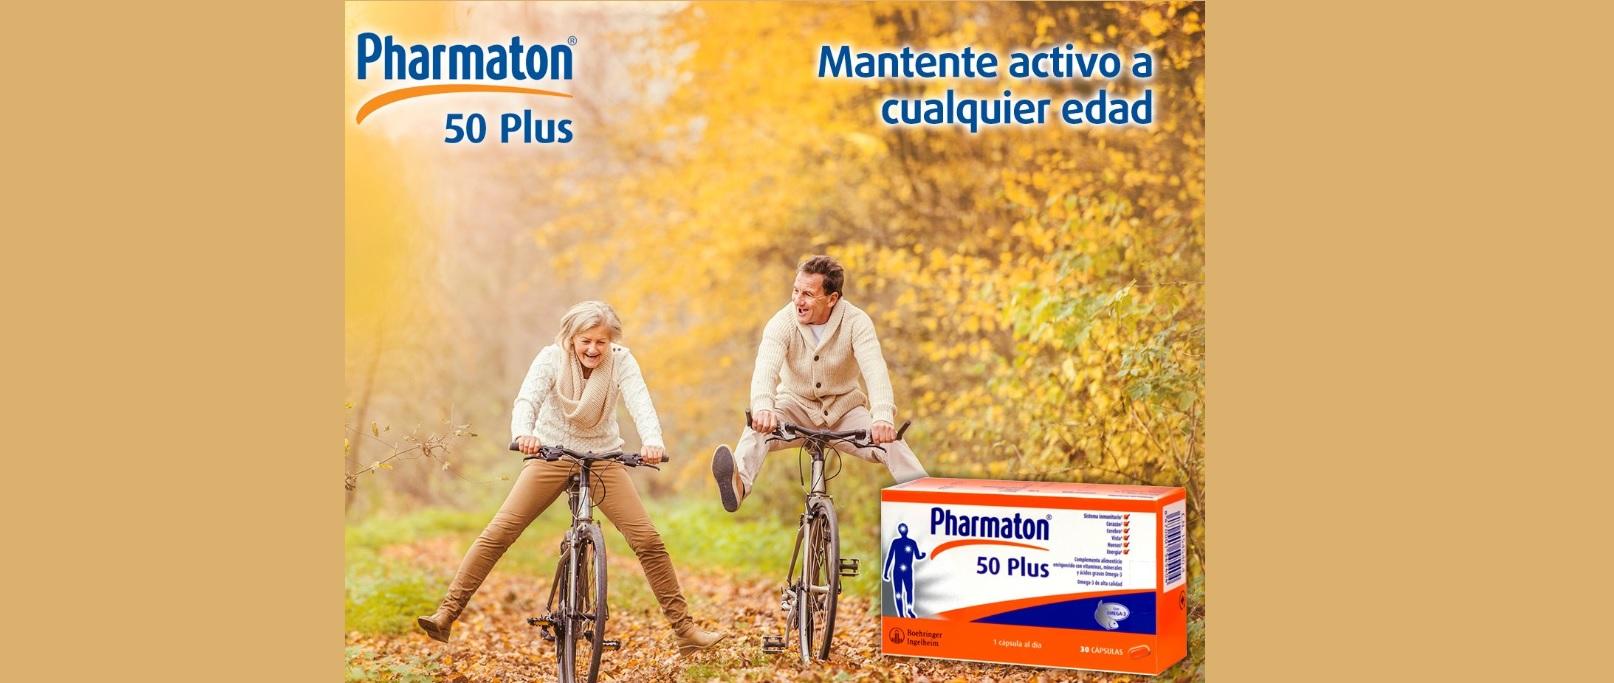 Pharmaton 50 plus en Farma2go